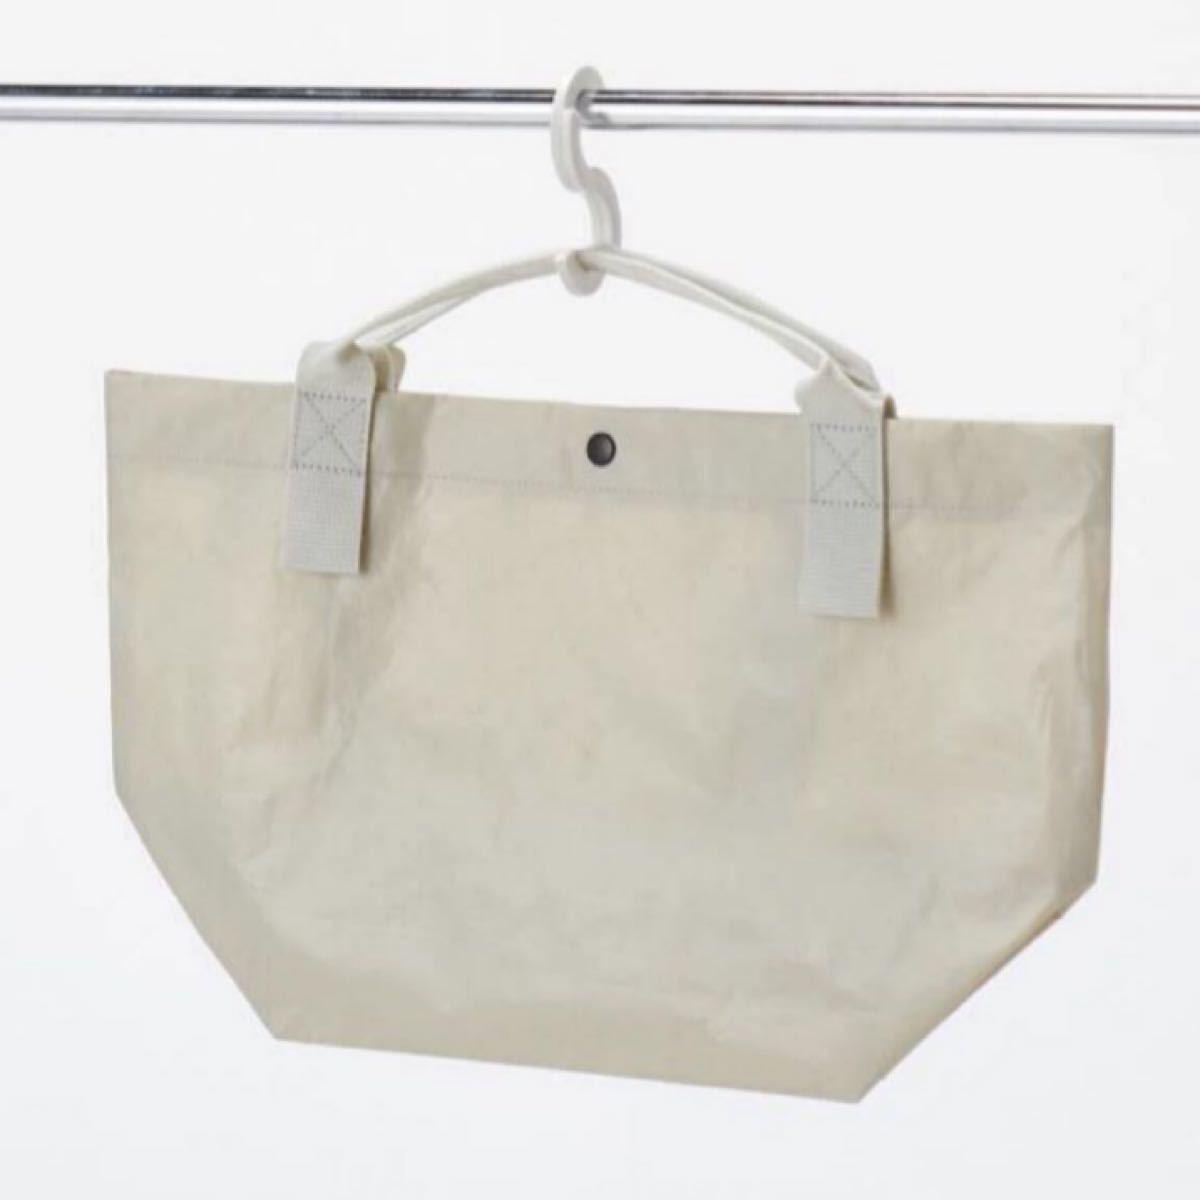 新品 無印良品  ポリエチレンシートミニトートバッグ エコバッグ